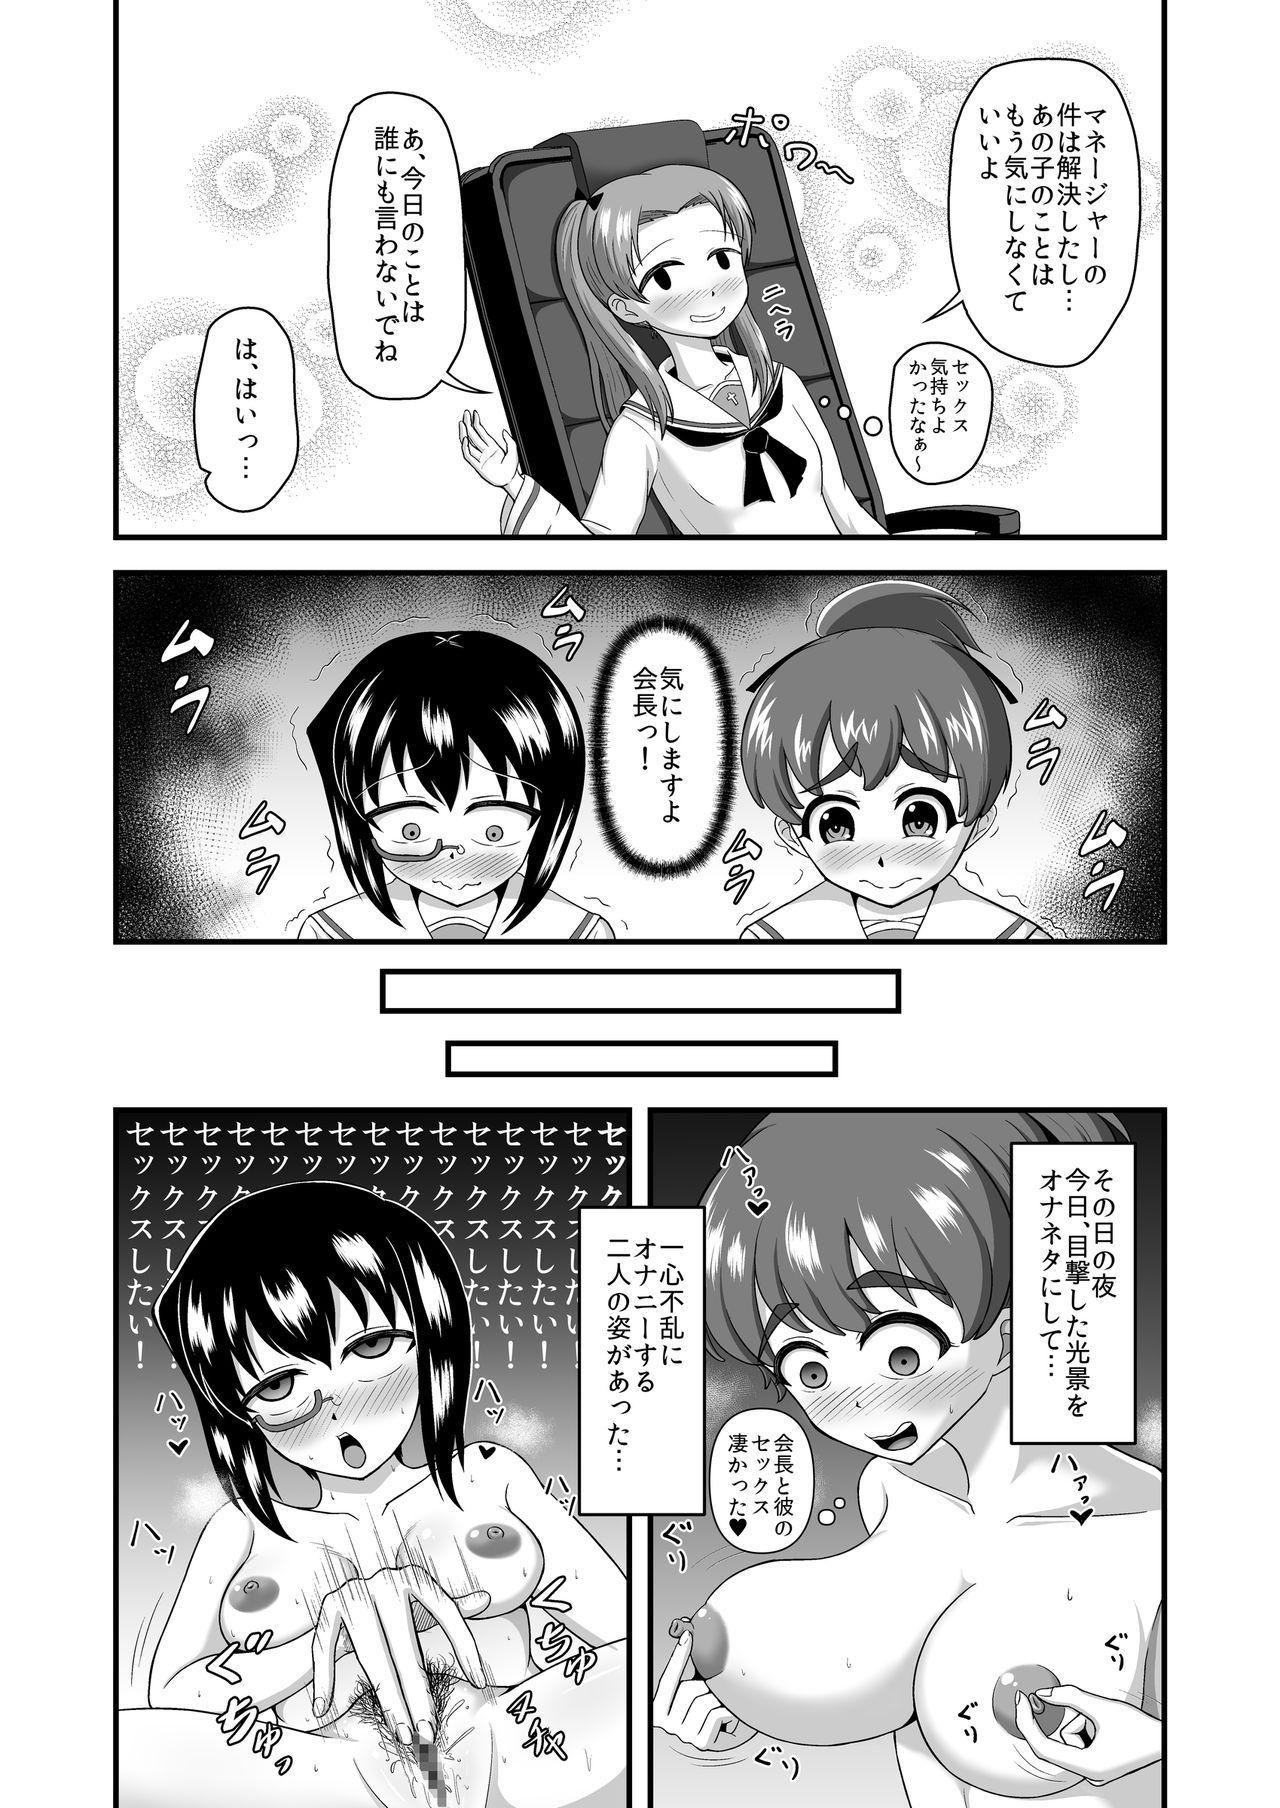 Teisou Gyakuten Abekobe Banashi 2 37